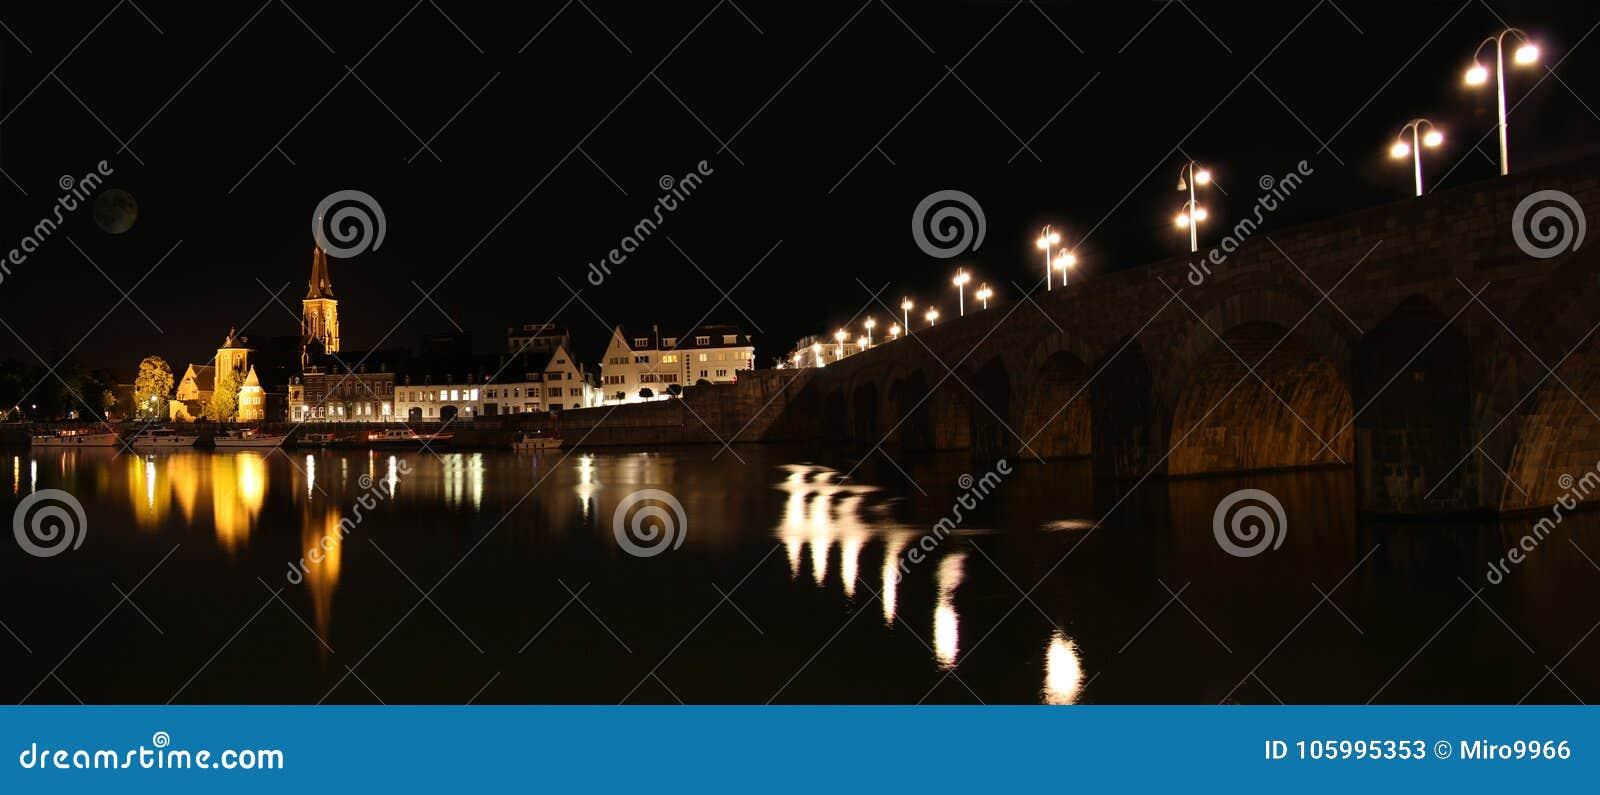 马斯特里赫特在晚上,在荷兰